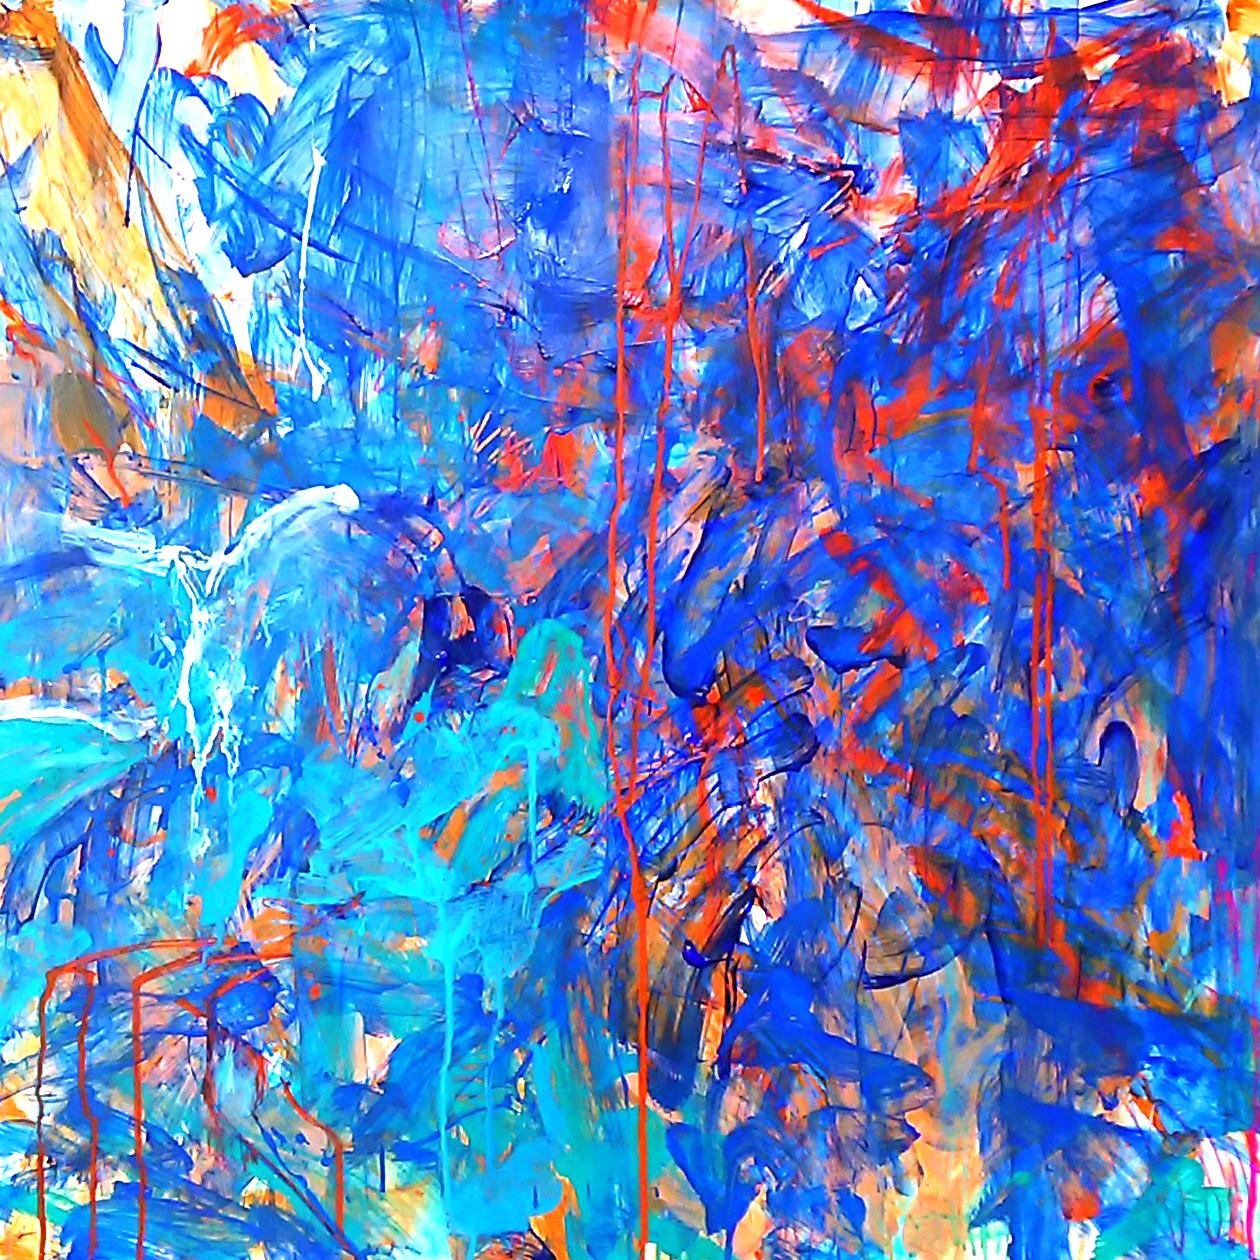 絵画 インテリア アートパネル 雑貨 壁掛け 置物 おしゃれ 抽象画 現代アート ロココロ 画家 : tamajapan 作品 : t-21